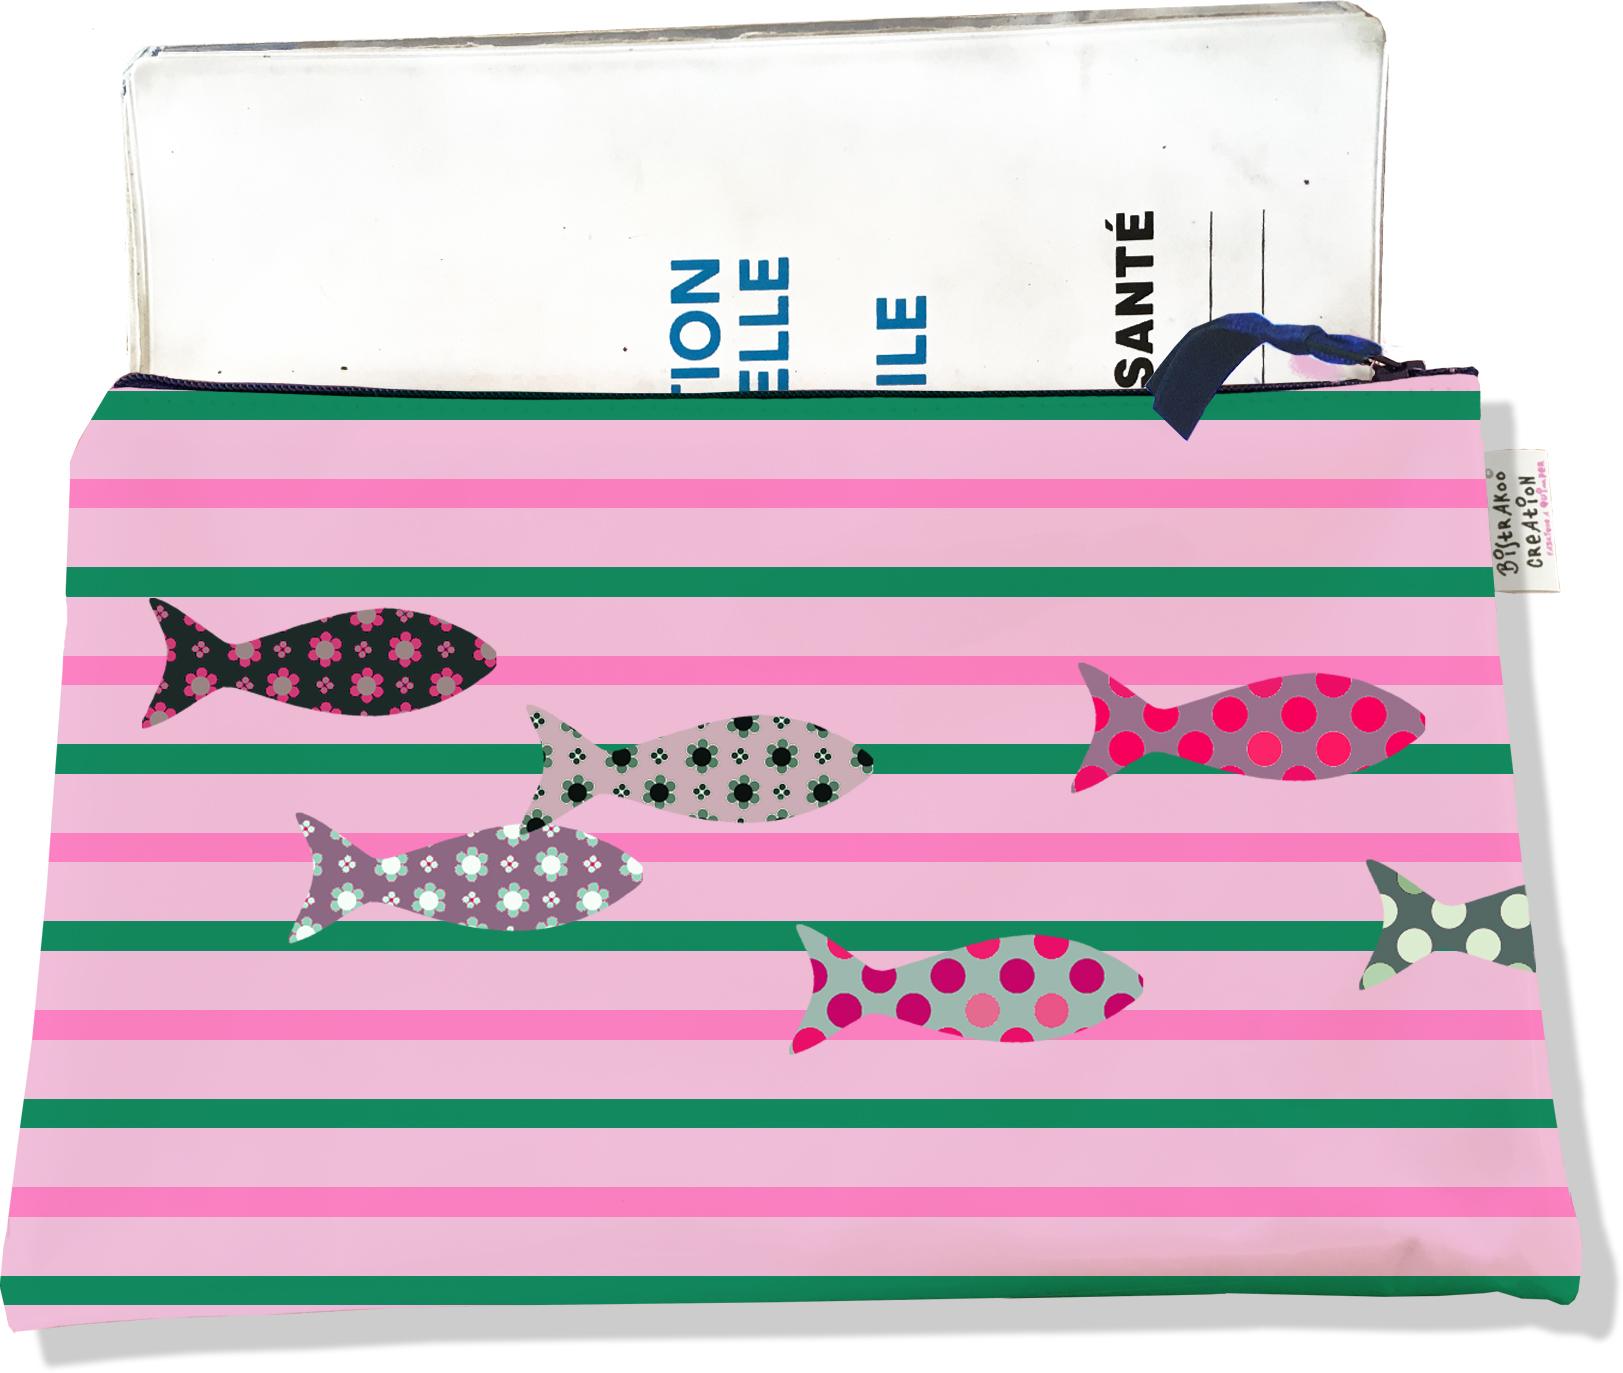 Protège carnet de santé zippé pour femme motif Poissons multicolores fond marinière rose et verte 2275